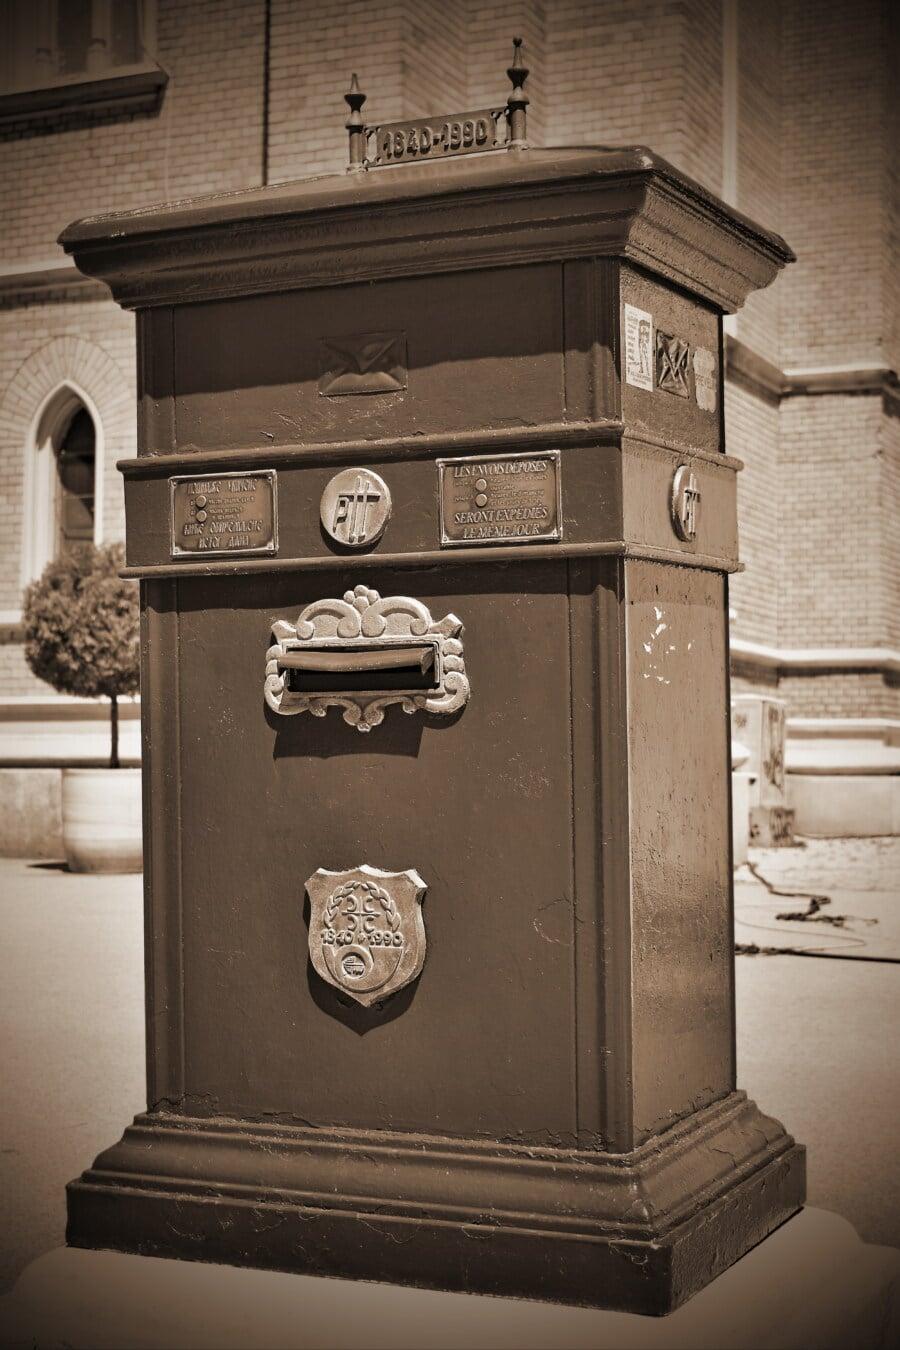 메일 슬롯, 사서함, 도시 지역, 거리, 구식, 역사적인, 상자, 흑백, 클래식, 오래 된